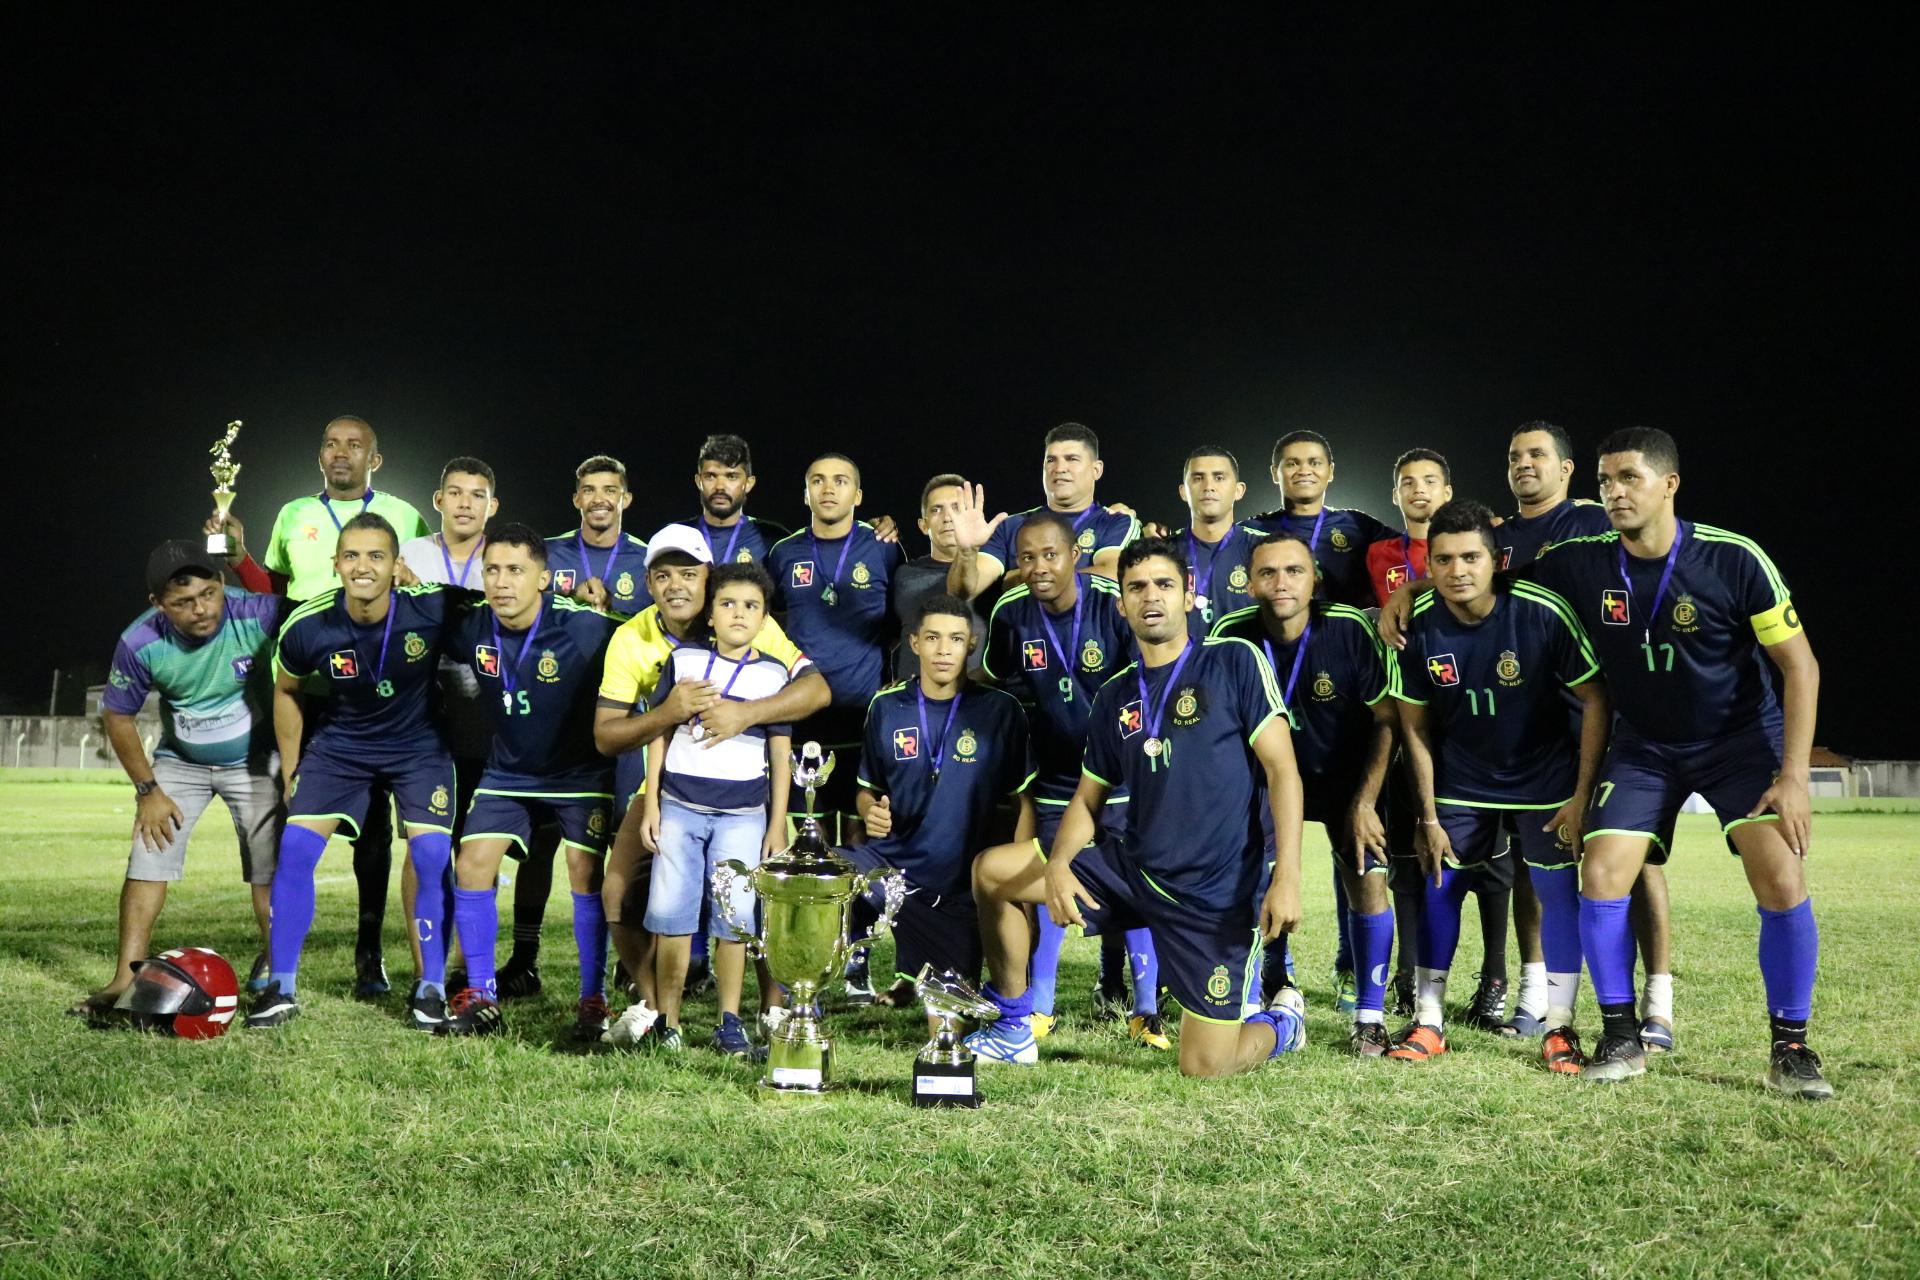 abb56f8363 De Futebol 2018. copa integração de futebol do cariri 2018 ...